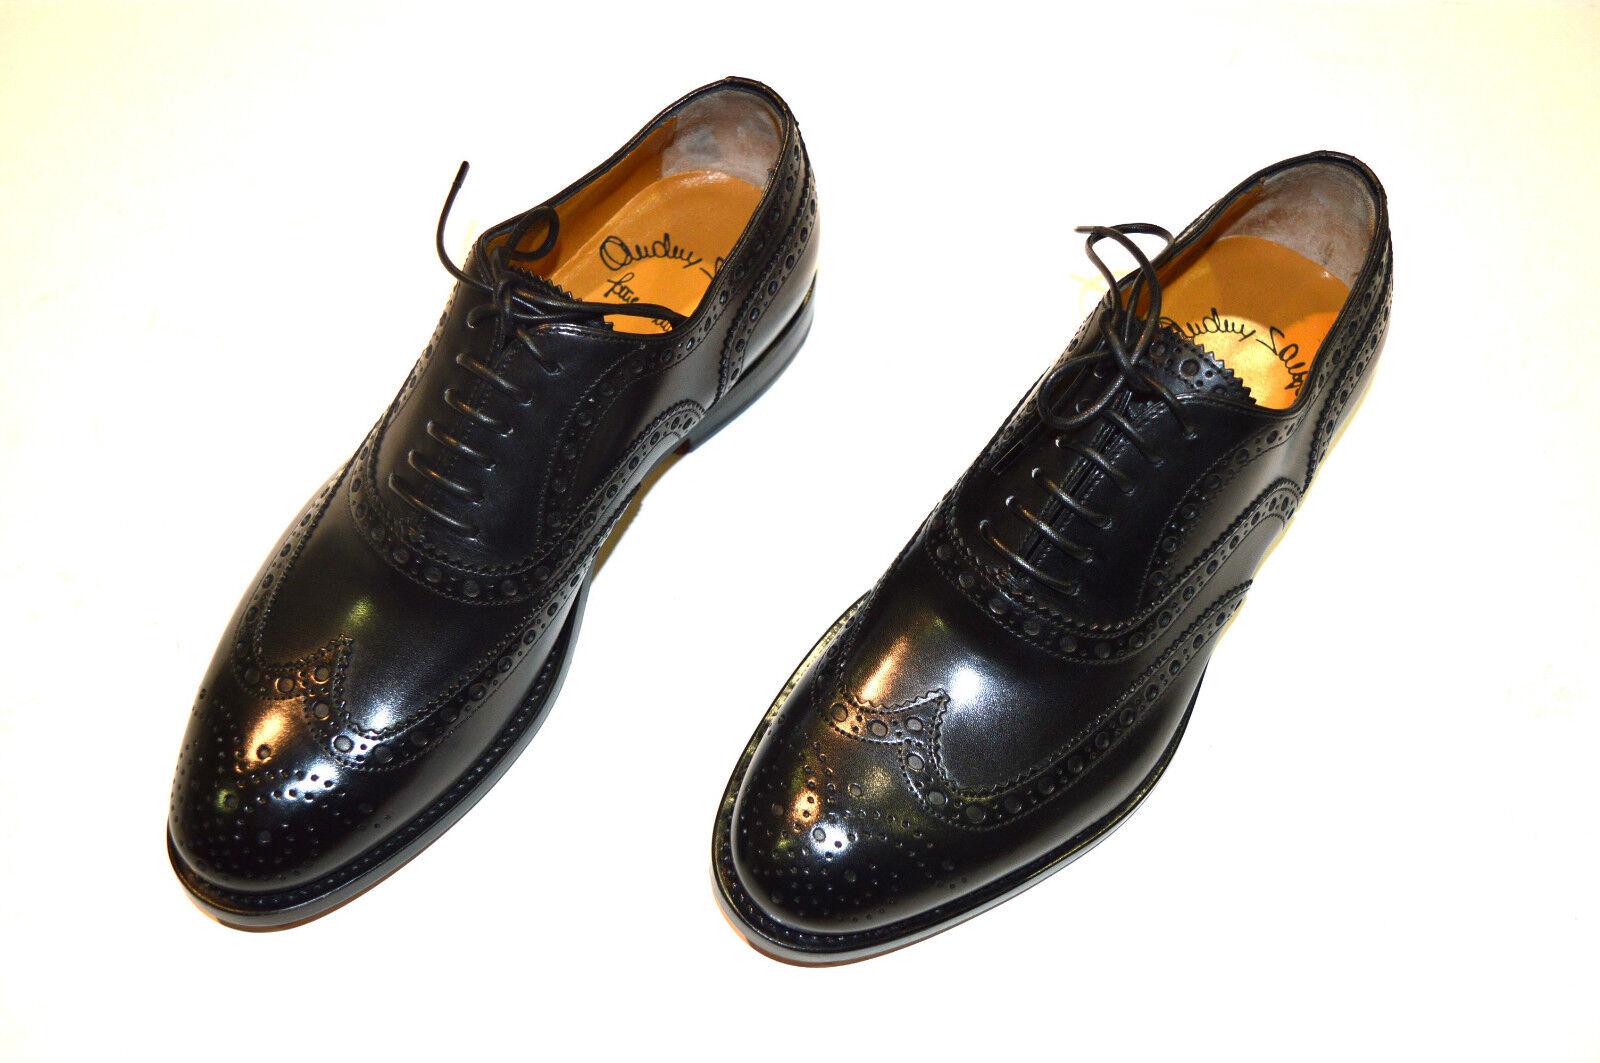 NEW SANTONI Dress Black Leather shoes  SIZE Eu 40.5 Uk 6.5 Us 7.5 (2R)